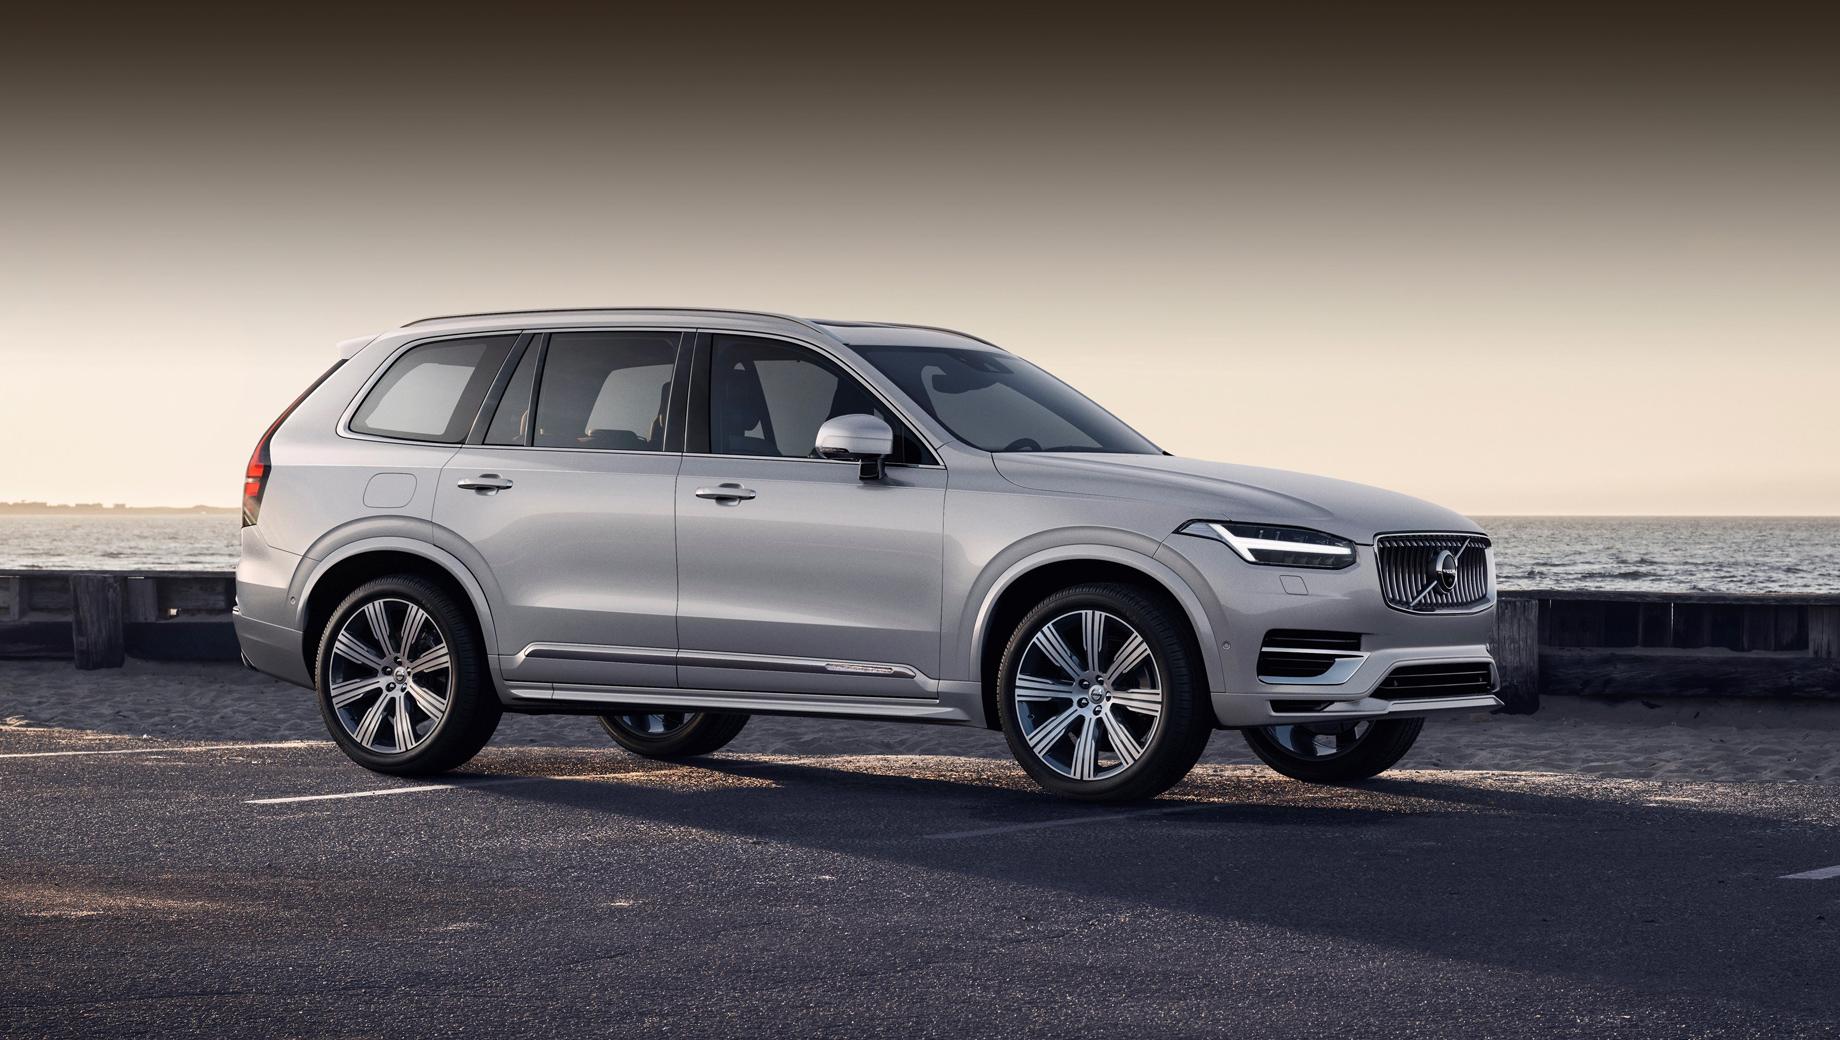 Volvo xc90,Skoda octavia,Skoda superb,Seat exeo. Volvo XC90 последний раз отзывался совсем недавно: в марте 2021 года понадобилась проверка крепления модуля управления подушками безопасности.